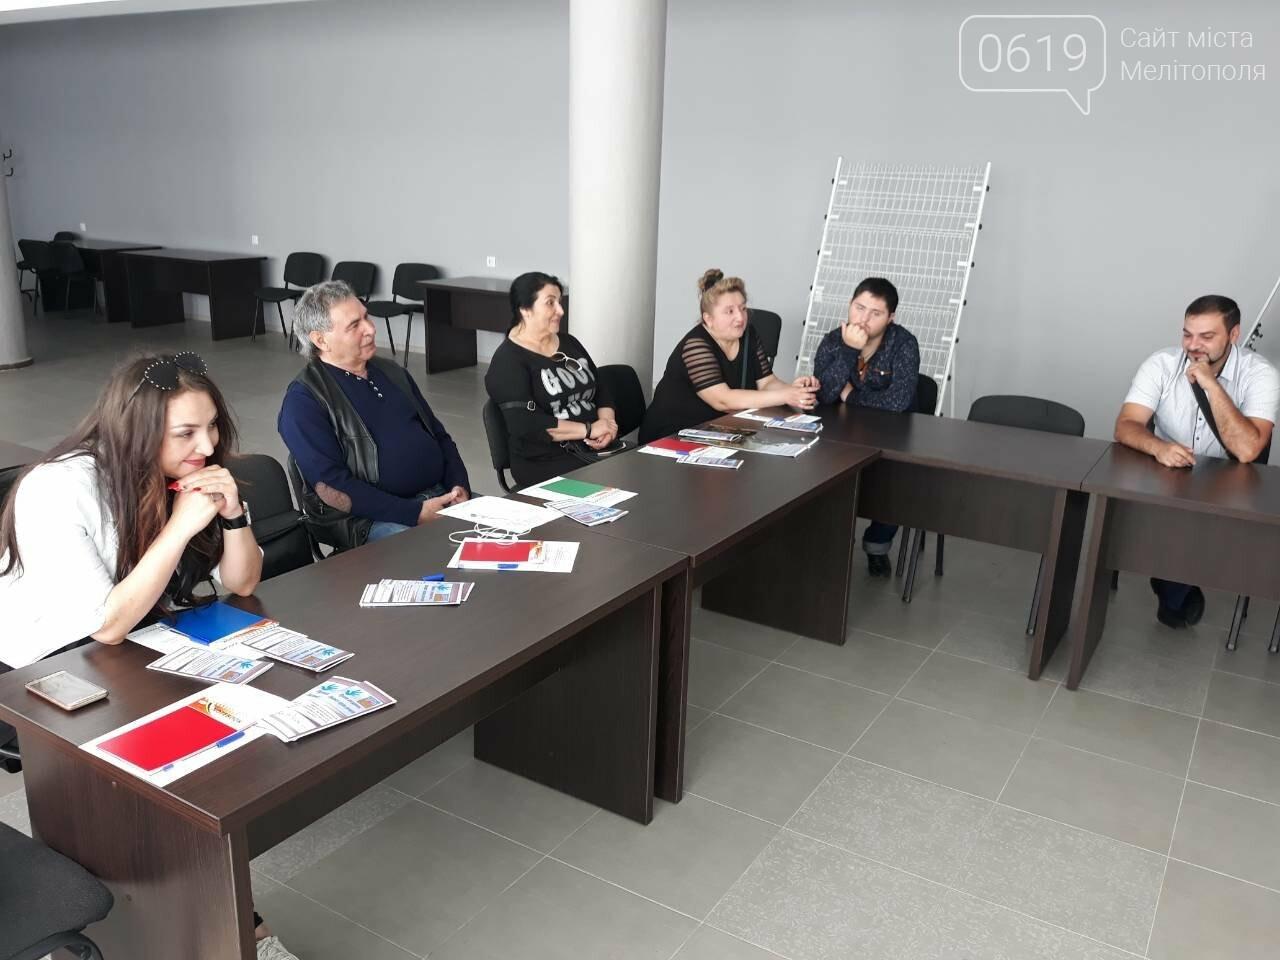 В Мелитополе для представителей ромской национальности проводят тренинг , фото-3, Фото сайта 0619